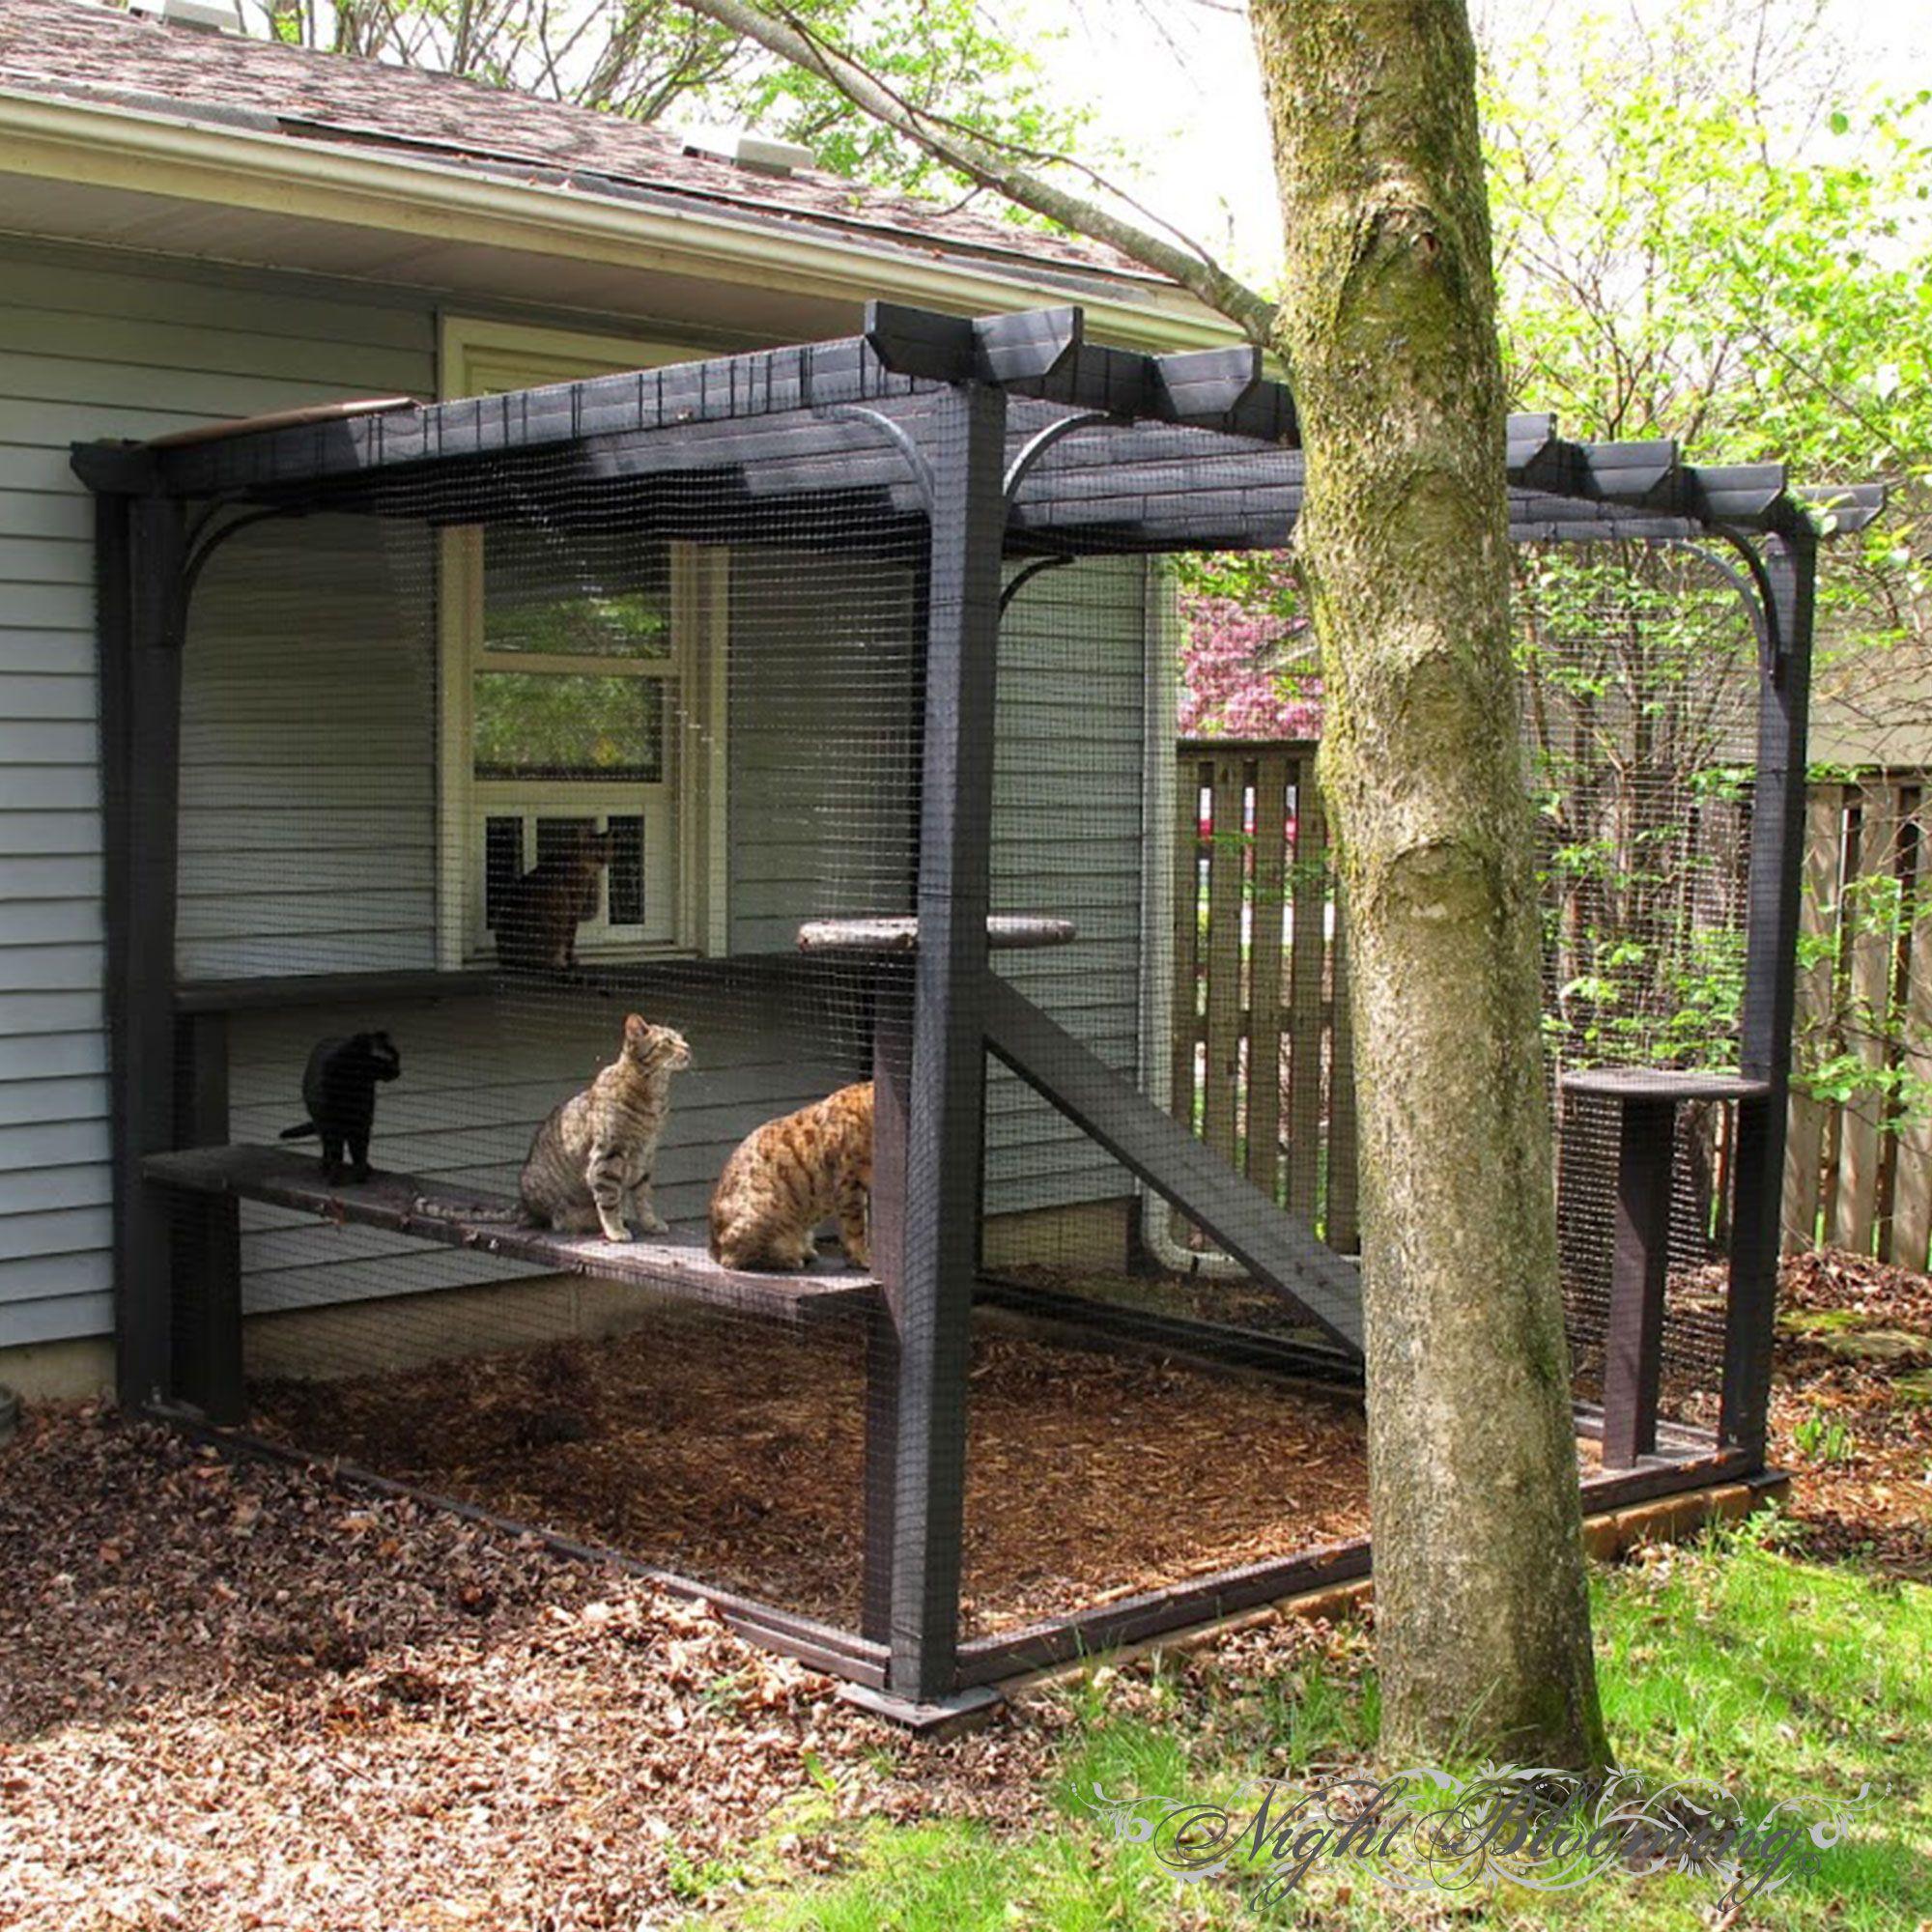 Pergola Enclosure Ideas: DIY Garden Pergola Cat Enclosure Catio PDF Mobi Epub Guide